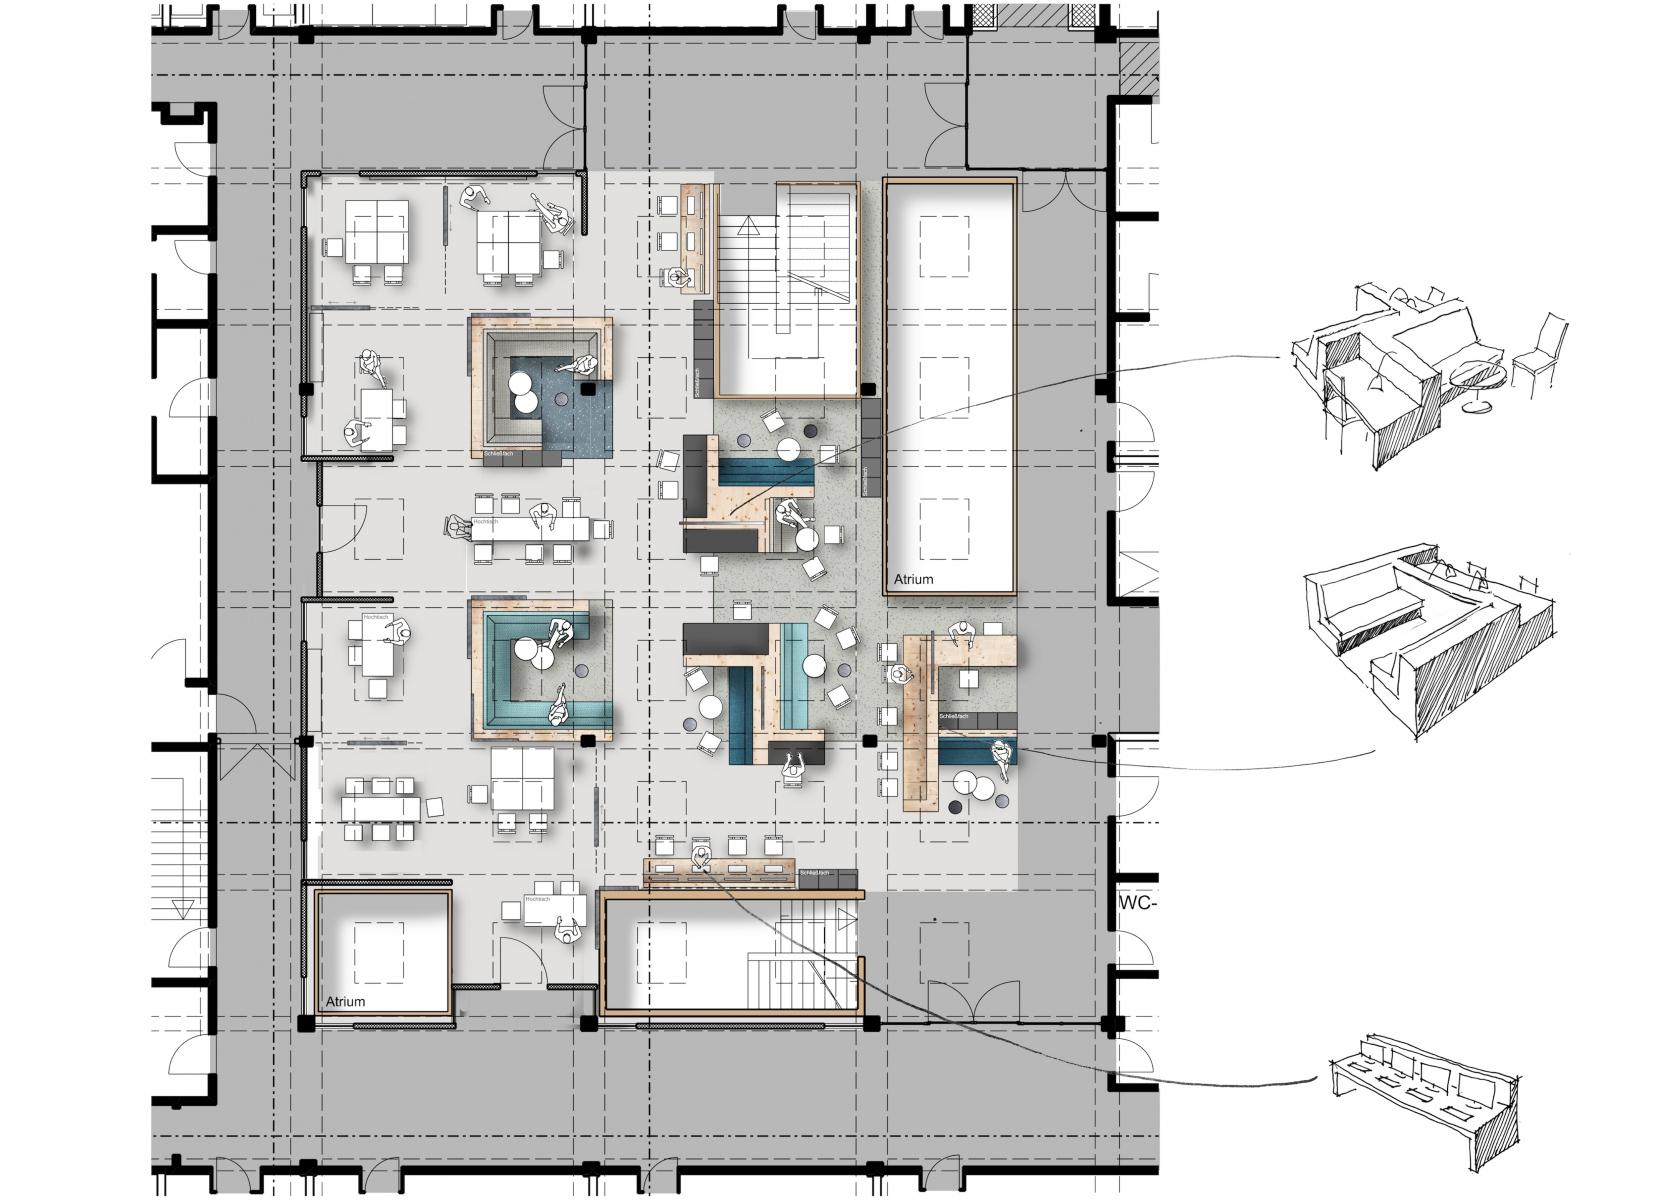 HGG_BS_BA_4_Entwurf_Foyergestaltung+Flure_V2.dgn